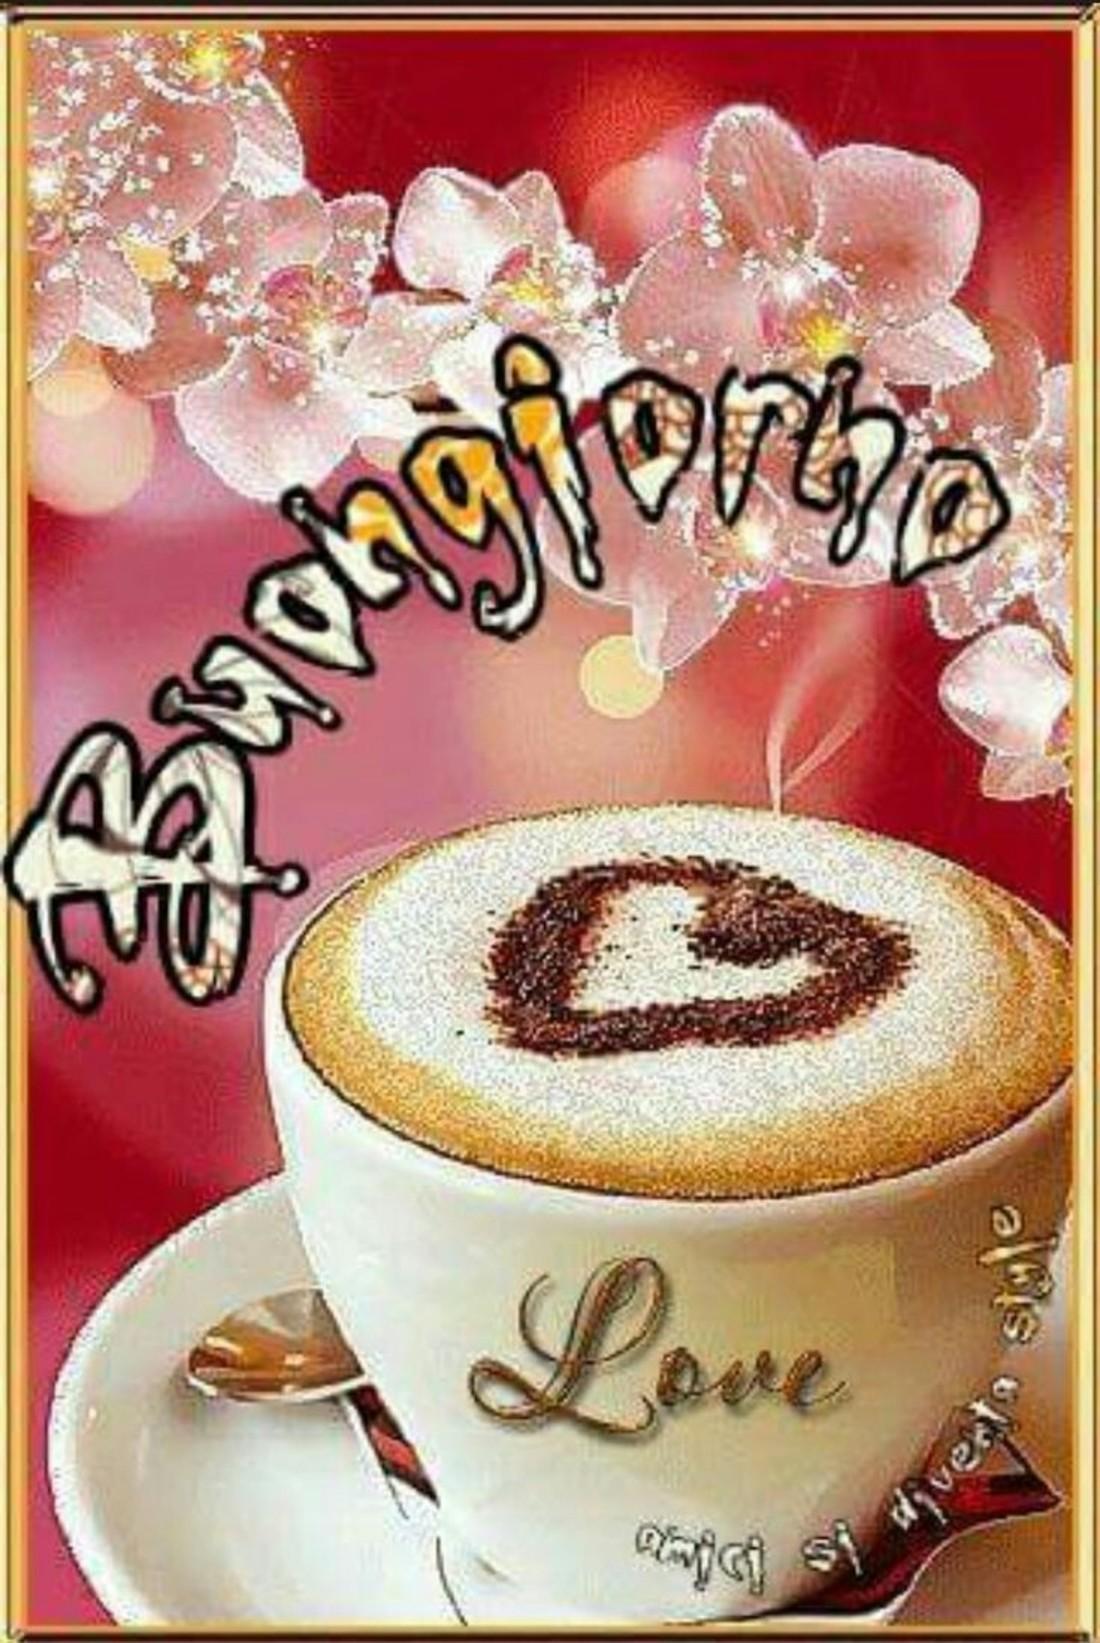 Buongiorno caff immagini for Buongiorno assonnato